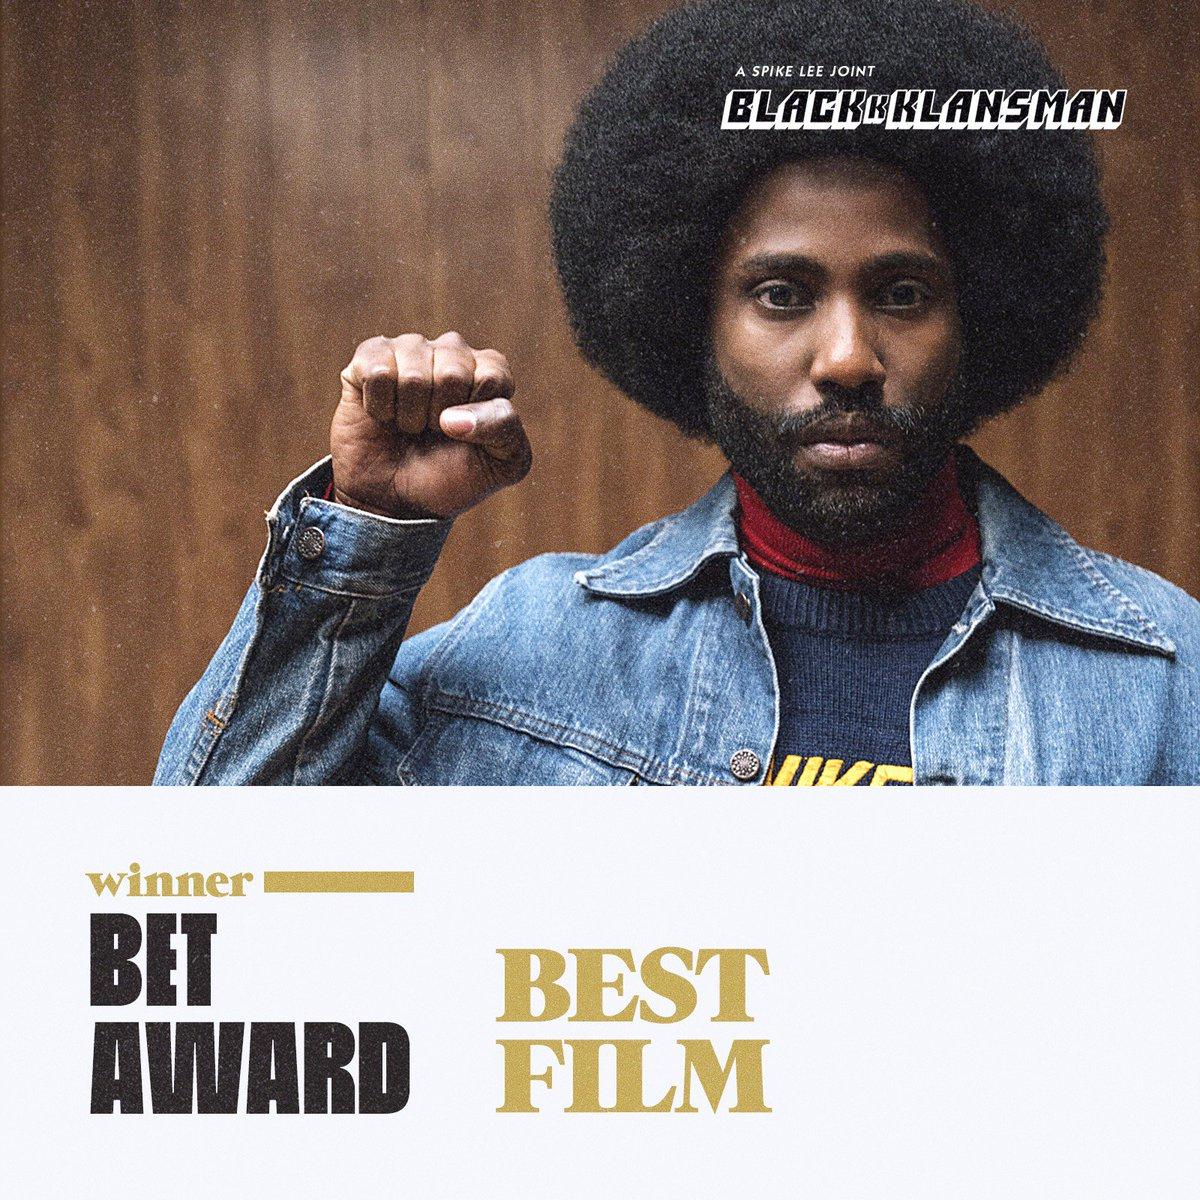 #BlacKkKlansman wins Best Film at the #BETAwards! 👊🏿👊🏿